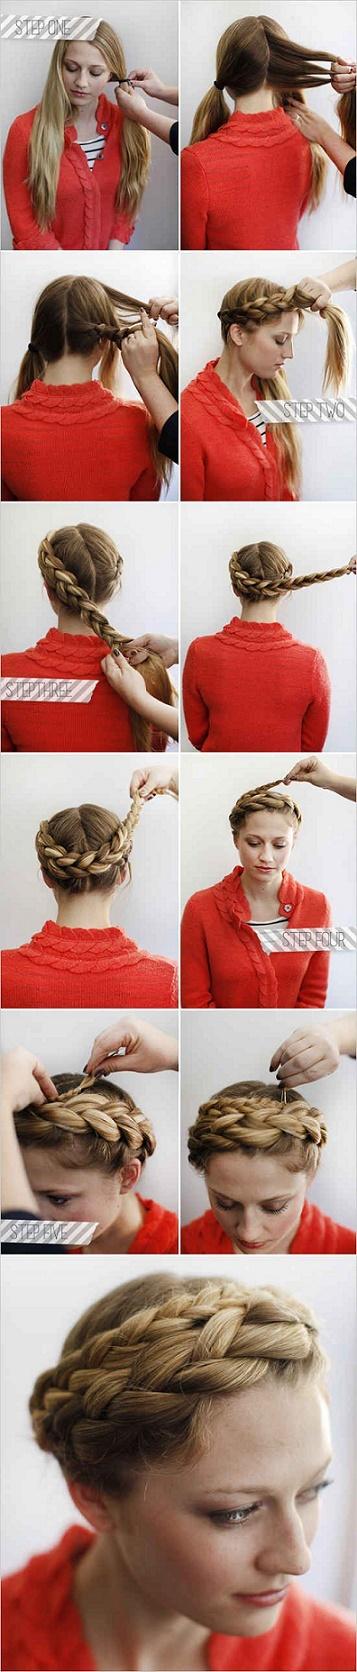 Mexican braids7